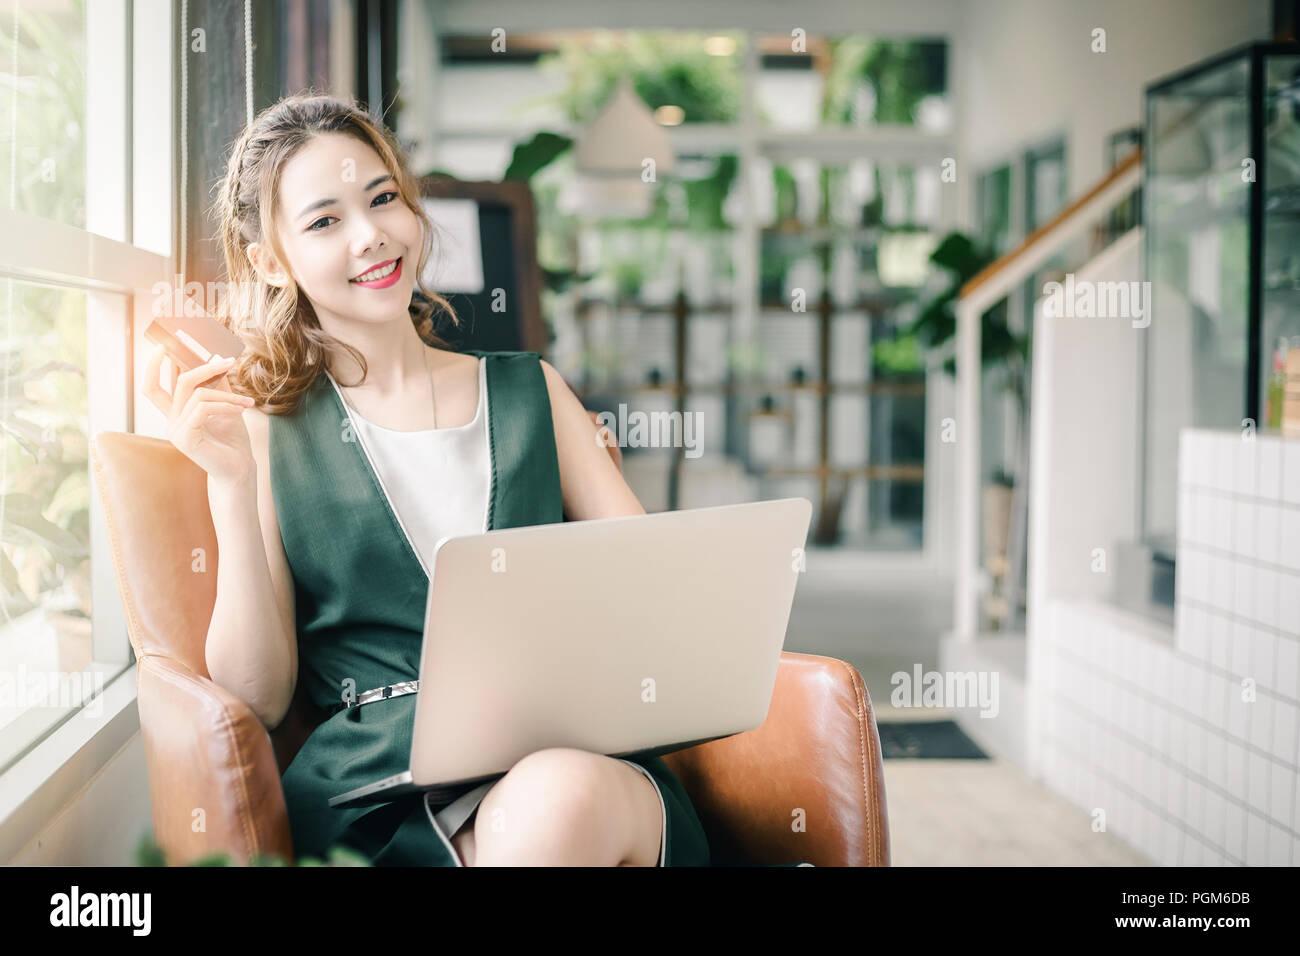 Schöne asiatische Frau mit Kreditkarte und Arbeiten am Laptop oder Notebook. Stockbild